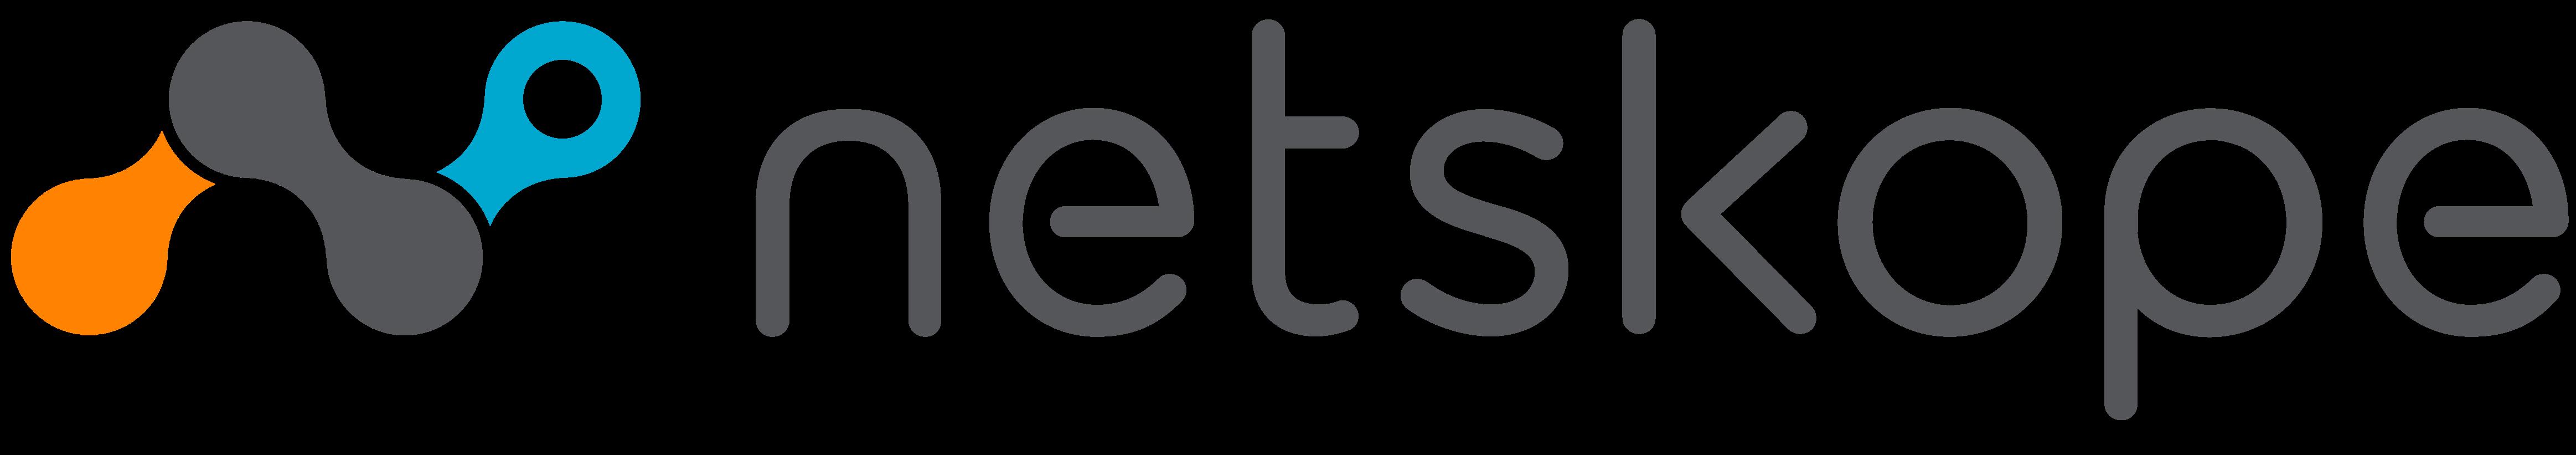 Netskope_logo_logotype.png